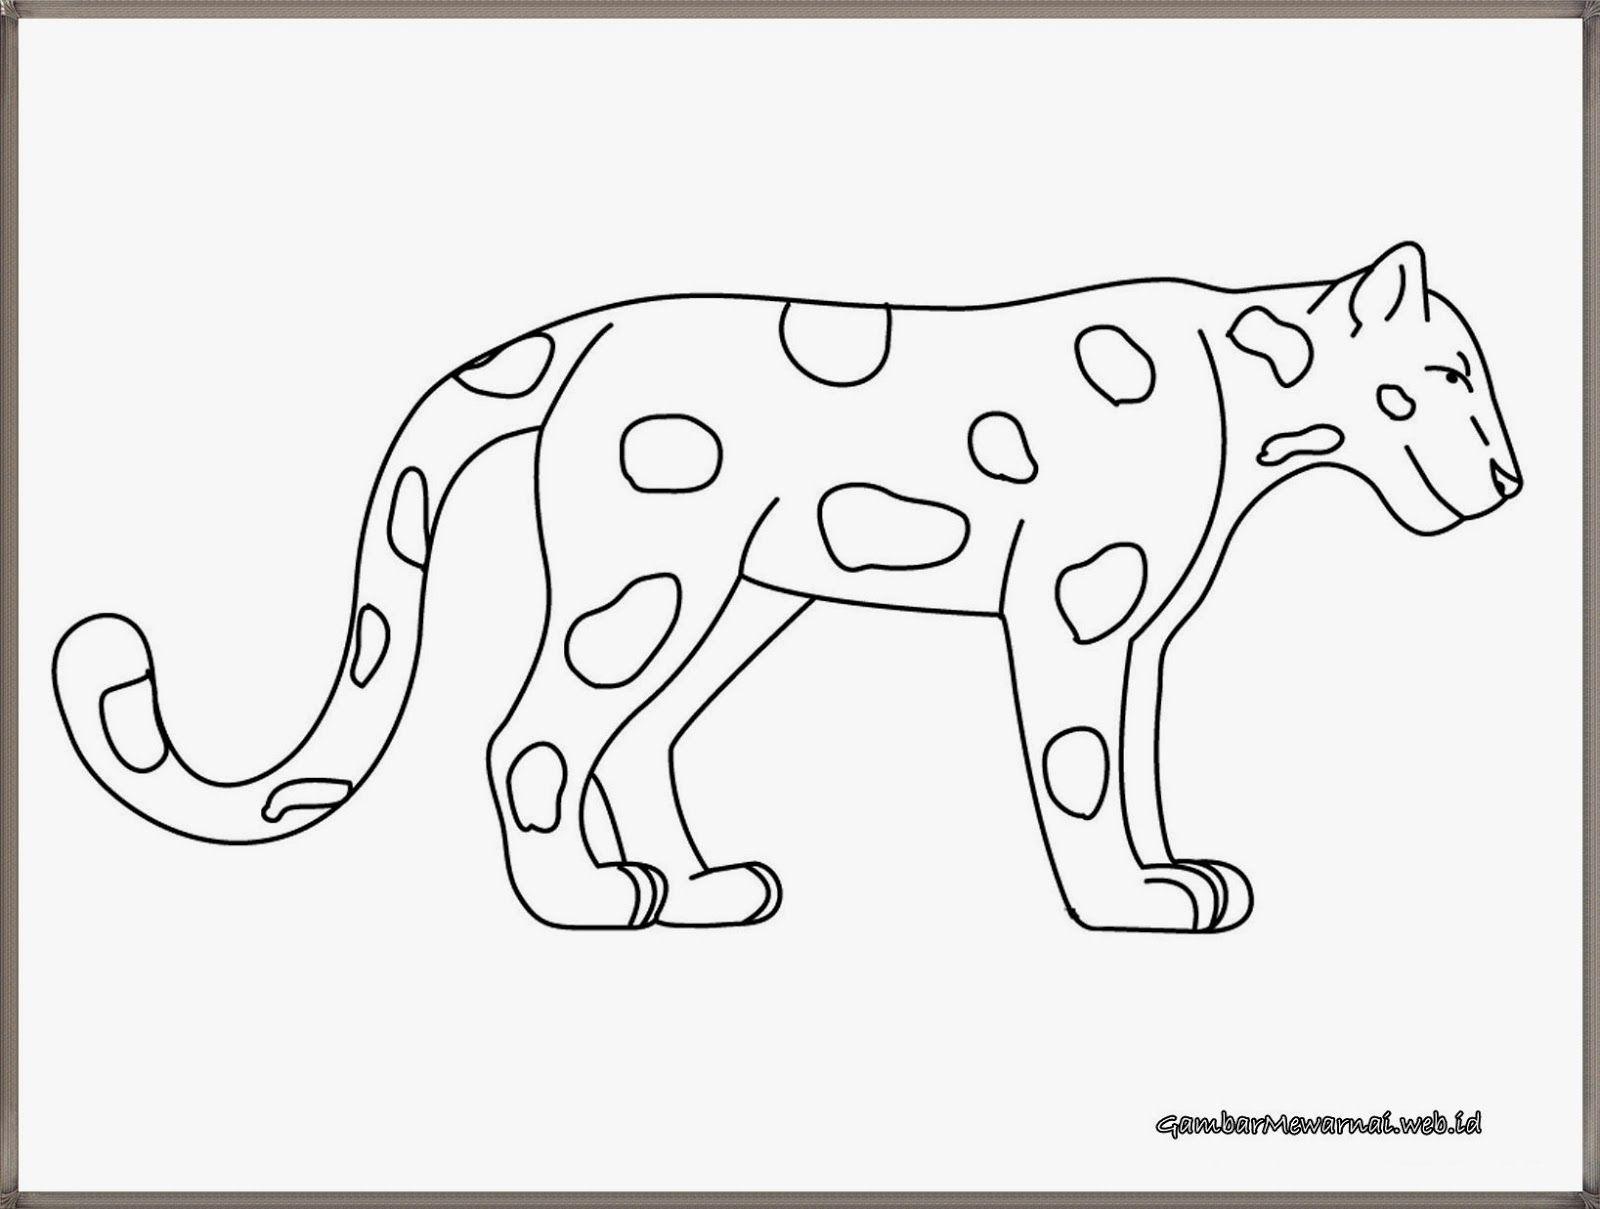 Gambar Bintang Harimau Untuk Mewarnai